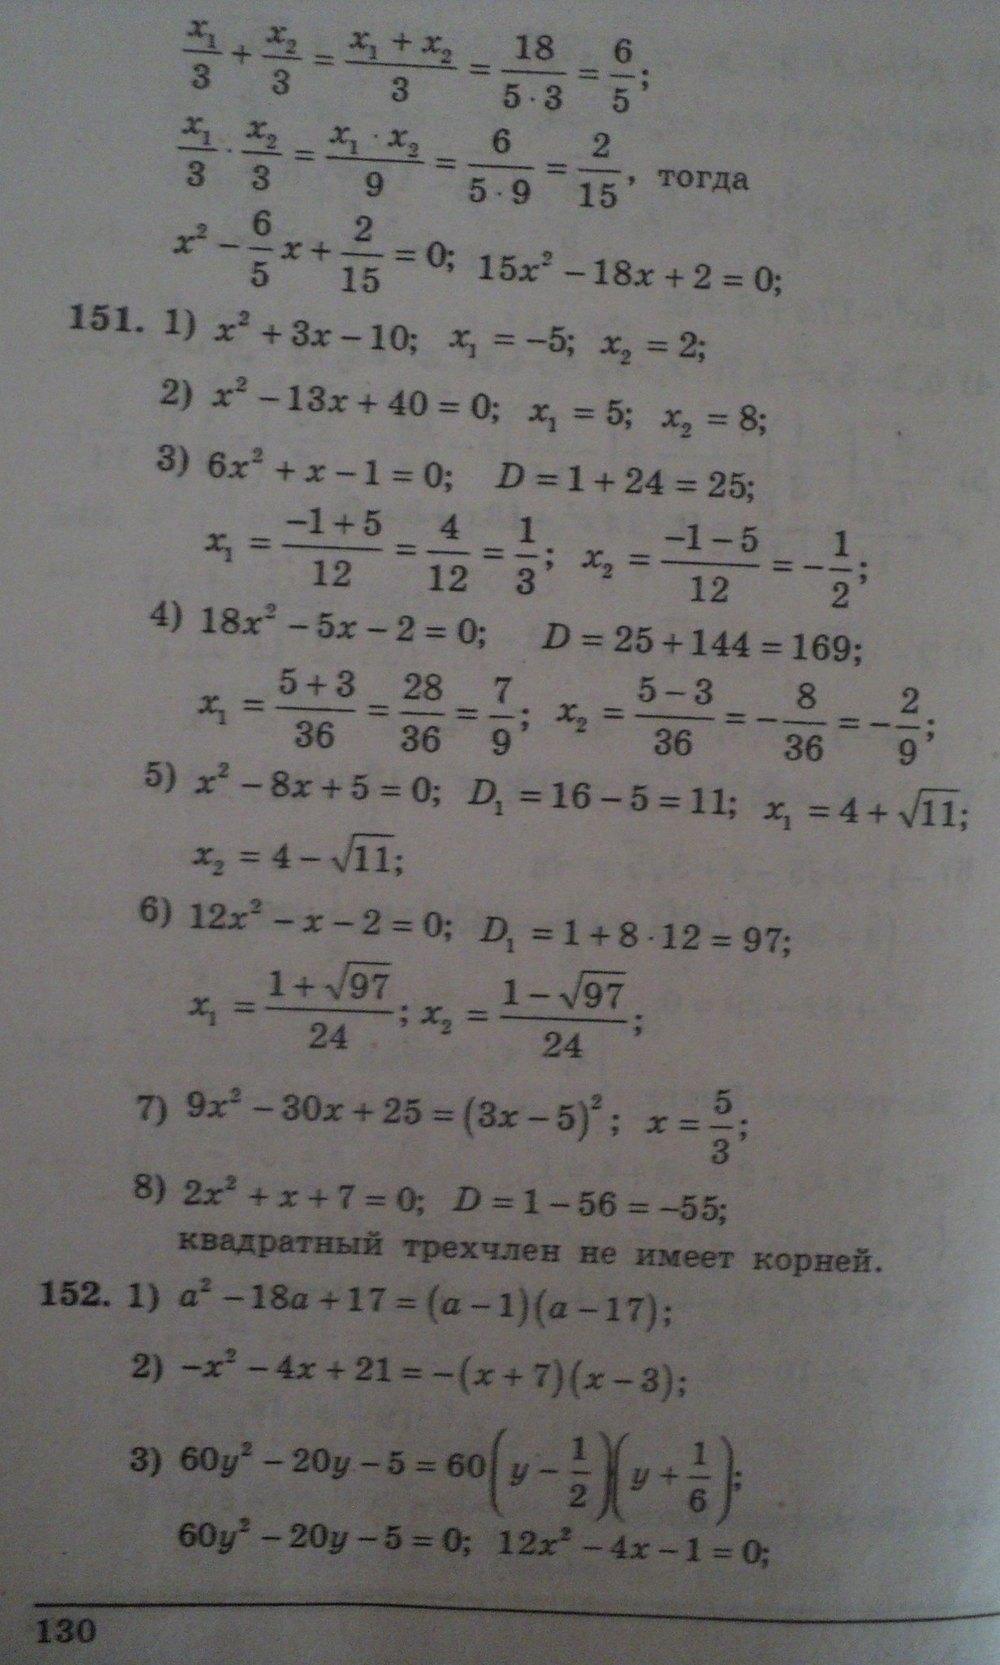 ГДЗ по алгебре 8 класс Щербань П.. Задание: стр. 130